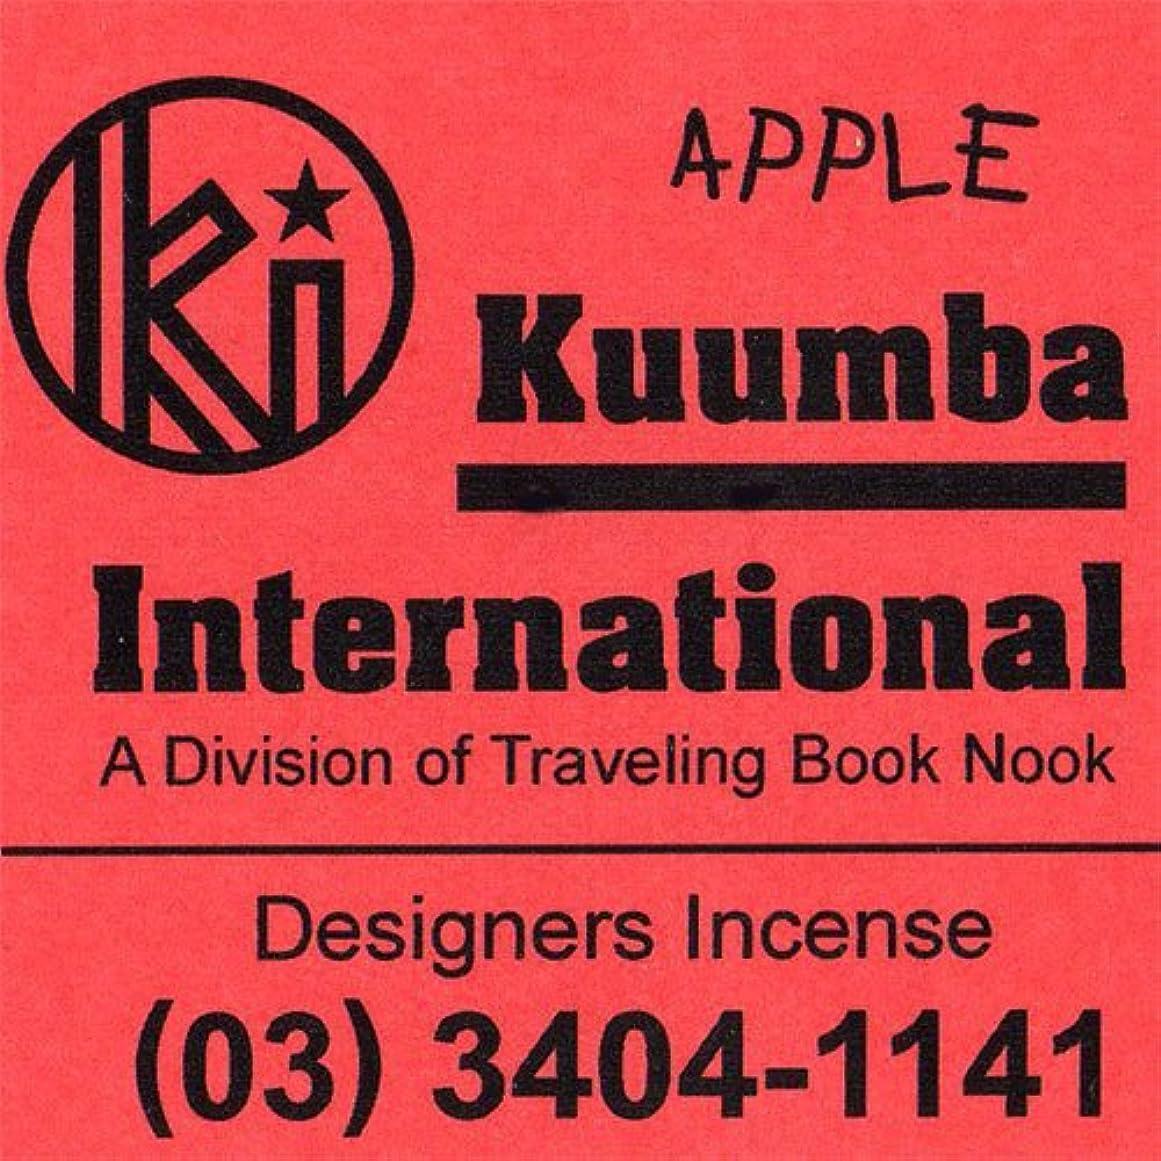 夜間ミリメートル雹KUUMBA / クンバ『incense』(APPLE) (Regular size)